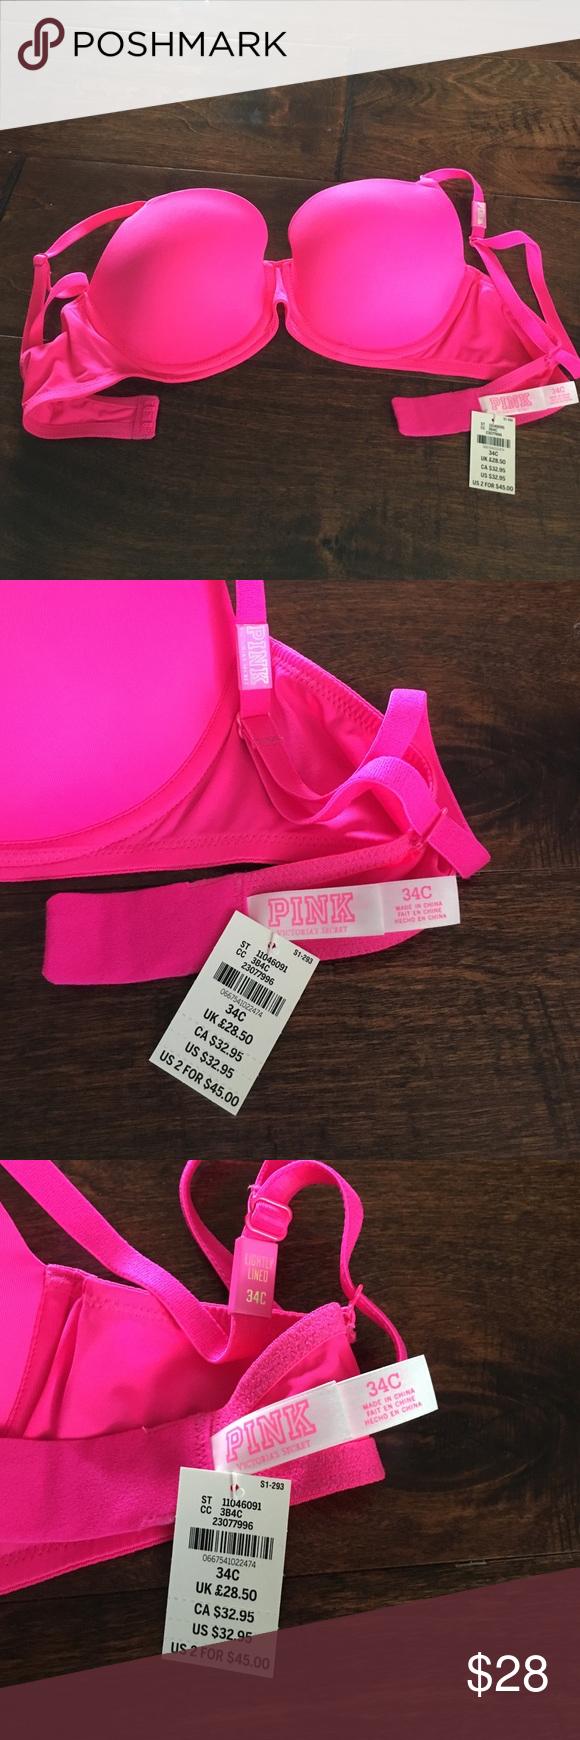 Pink Brand Bras